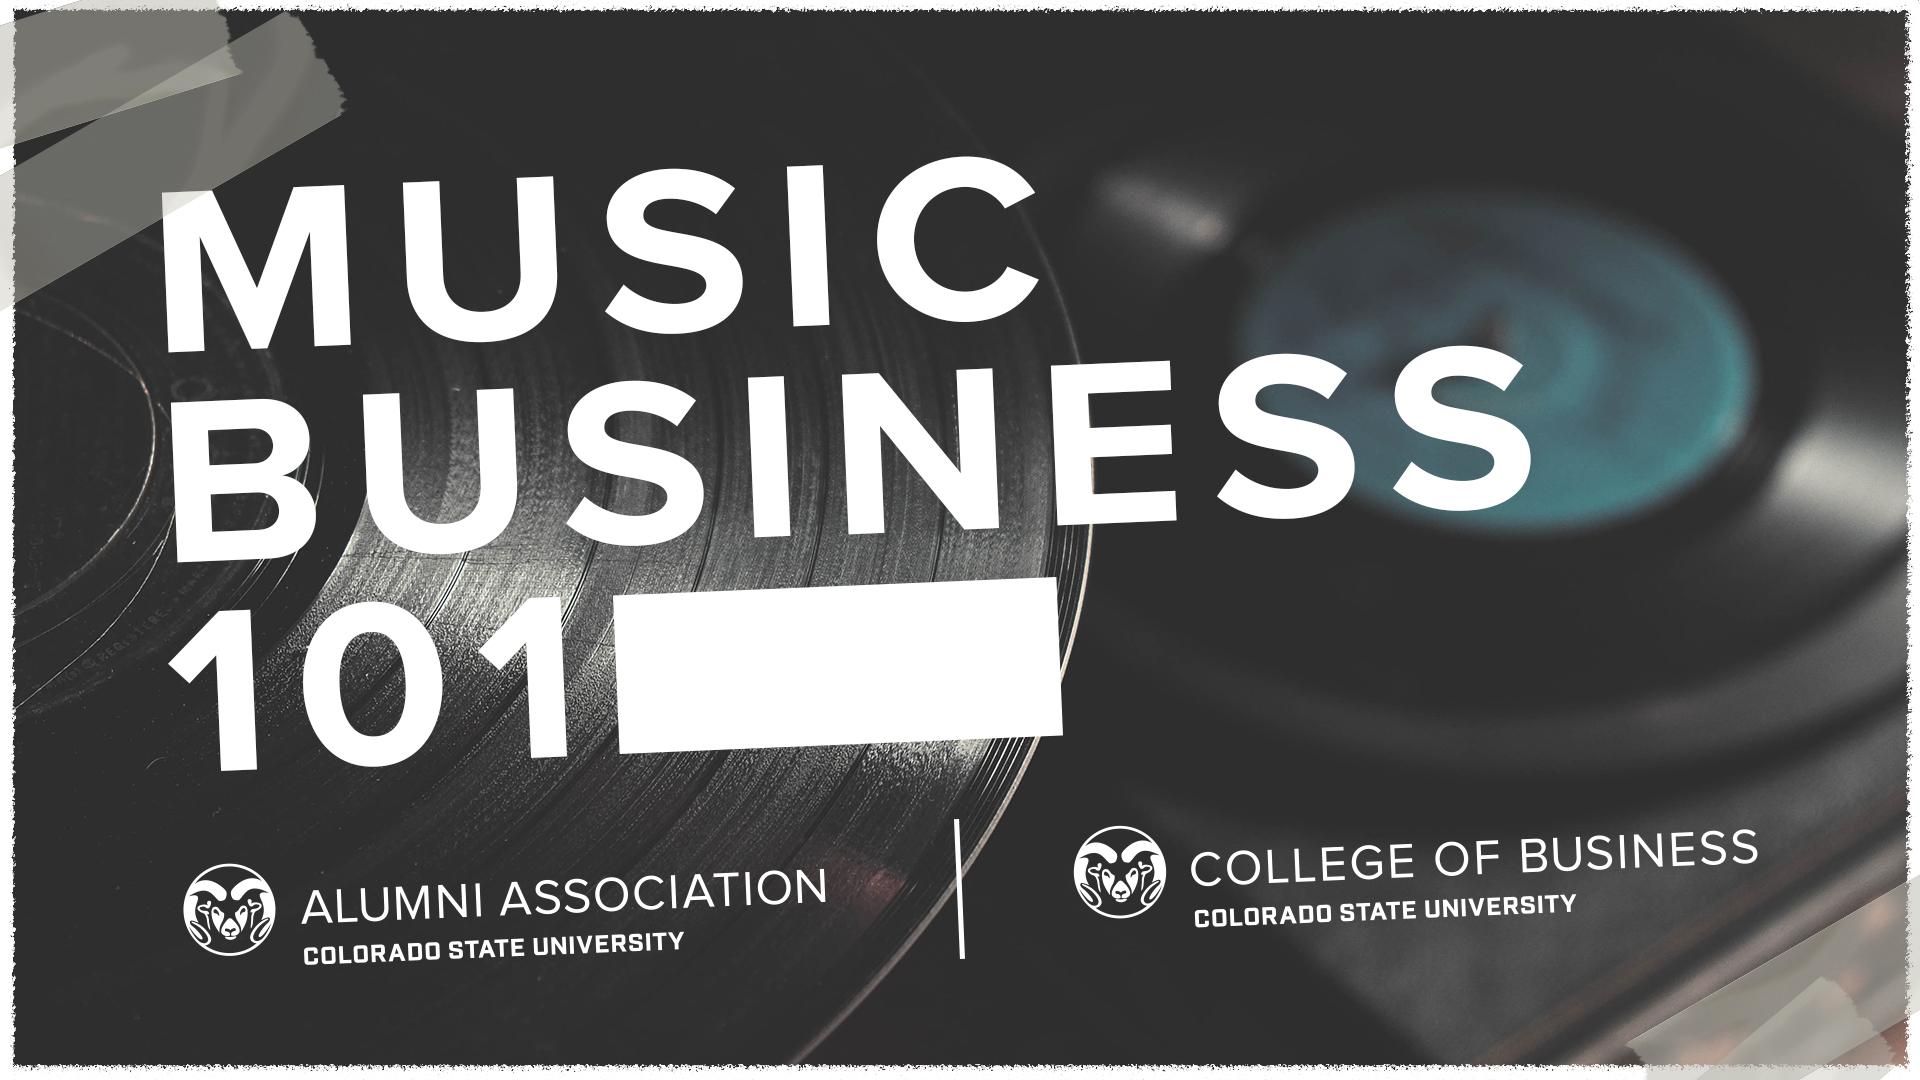 Image for Music Business 101 webinar